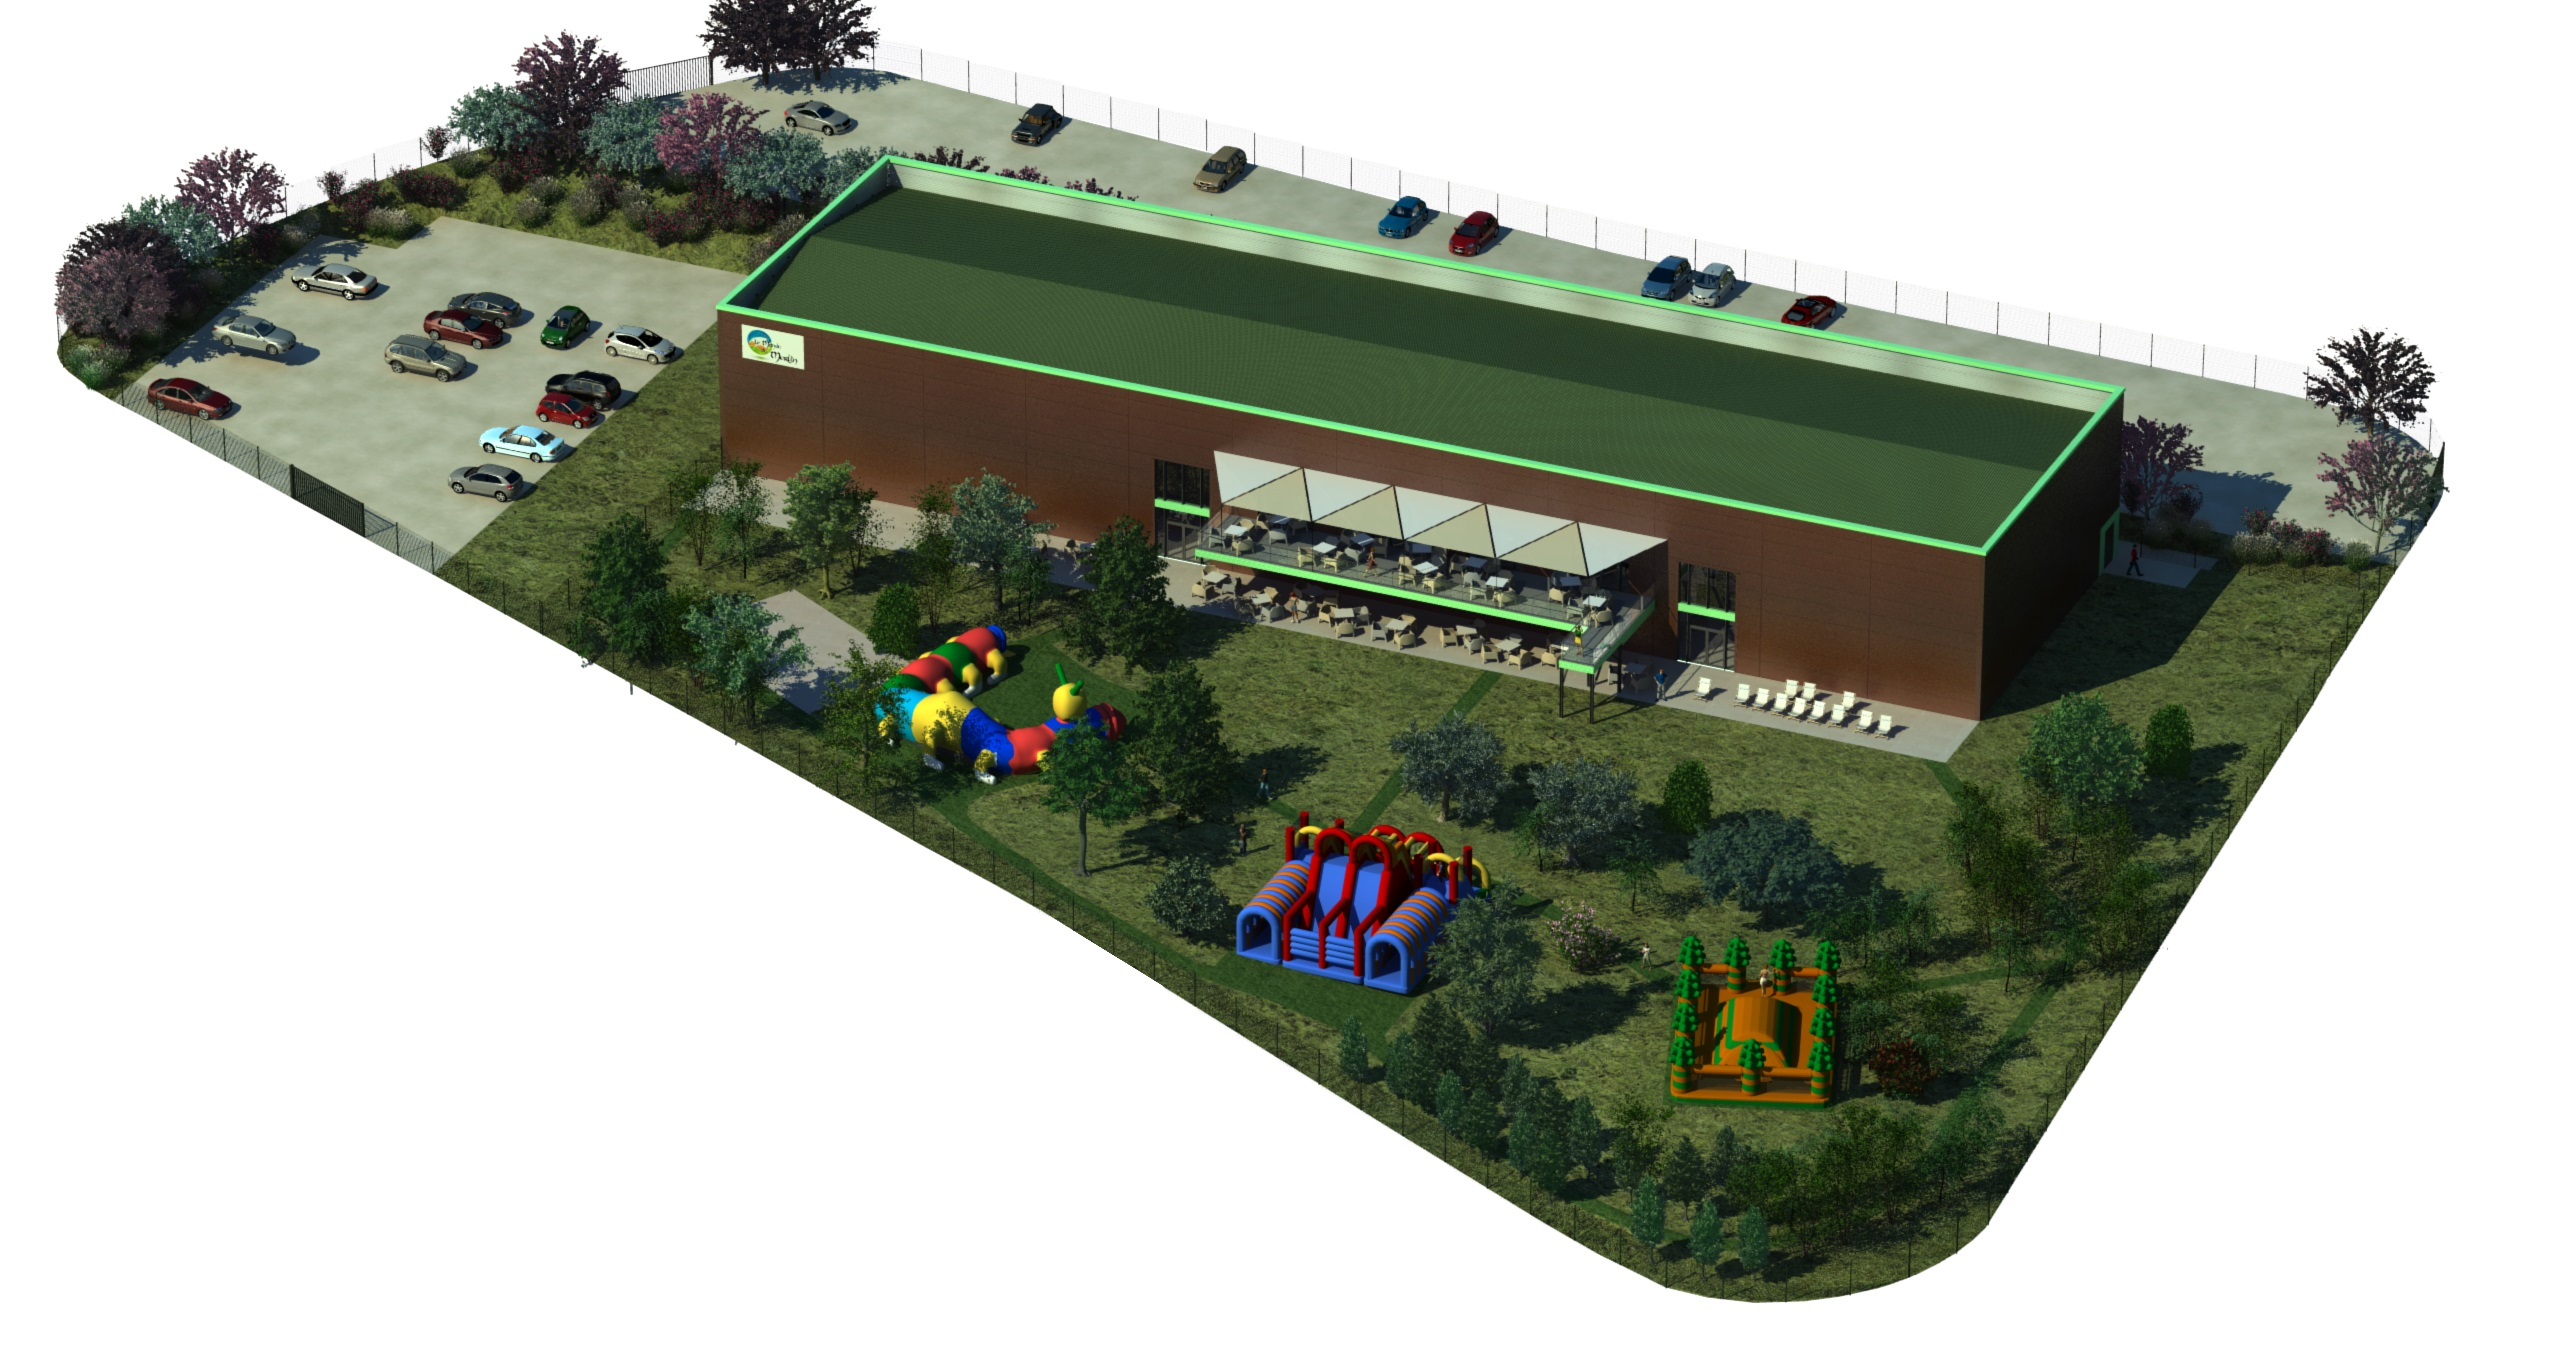 les jeux parc de loisirs pour enfants de 0 14 ans. Black Bedroom Furniture Sets. Home Design Ideas